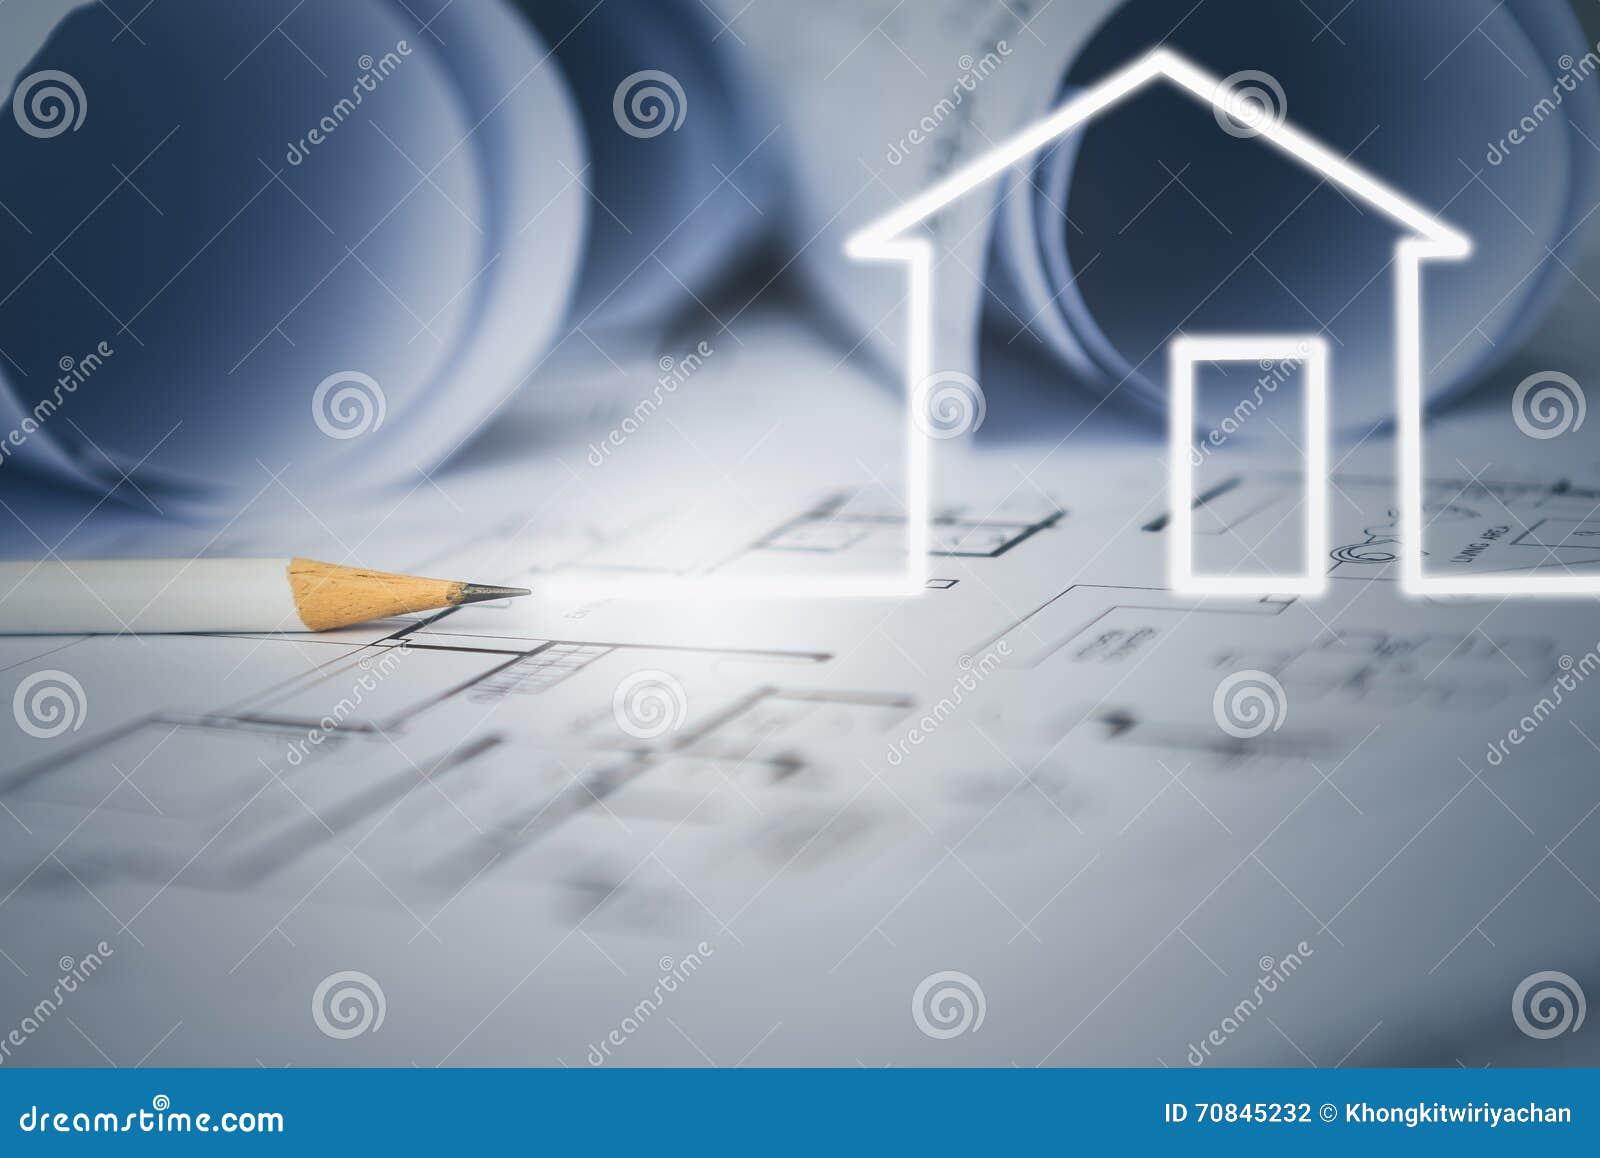 concepto de drenaje de la casa ideal del diseador con el dibujo de construccin foto de